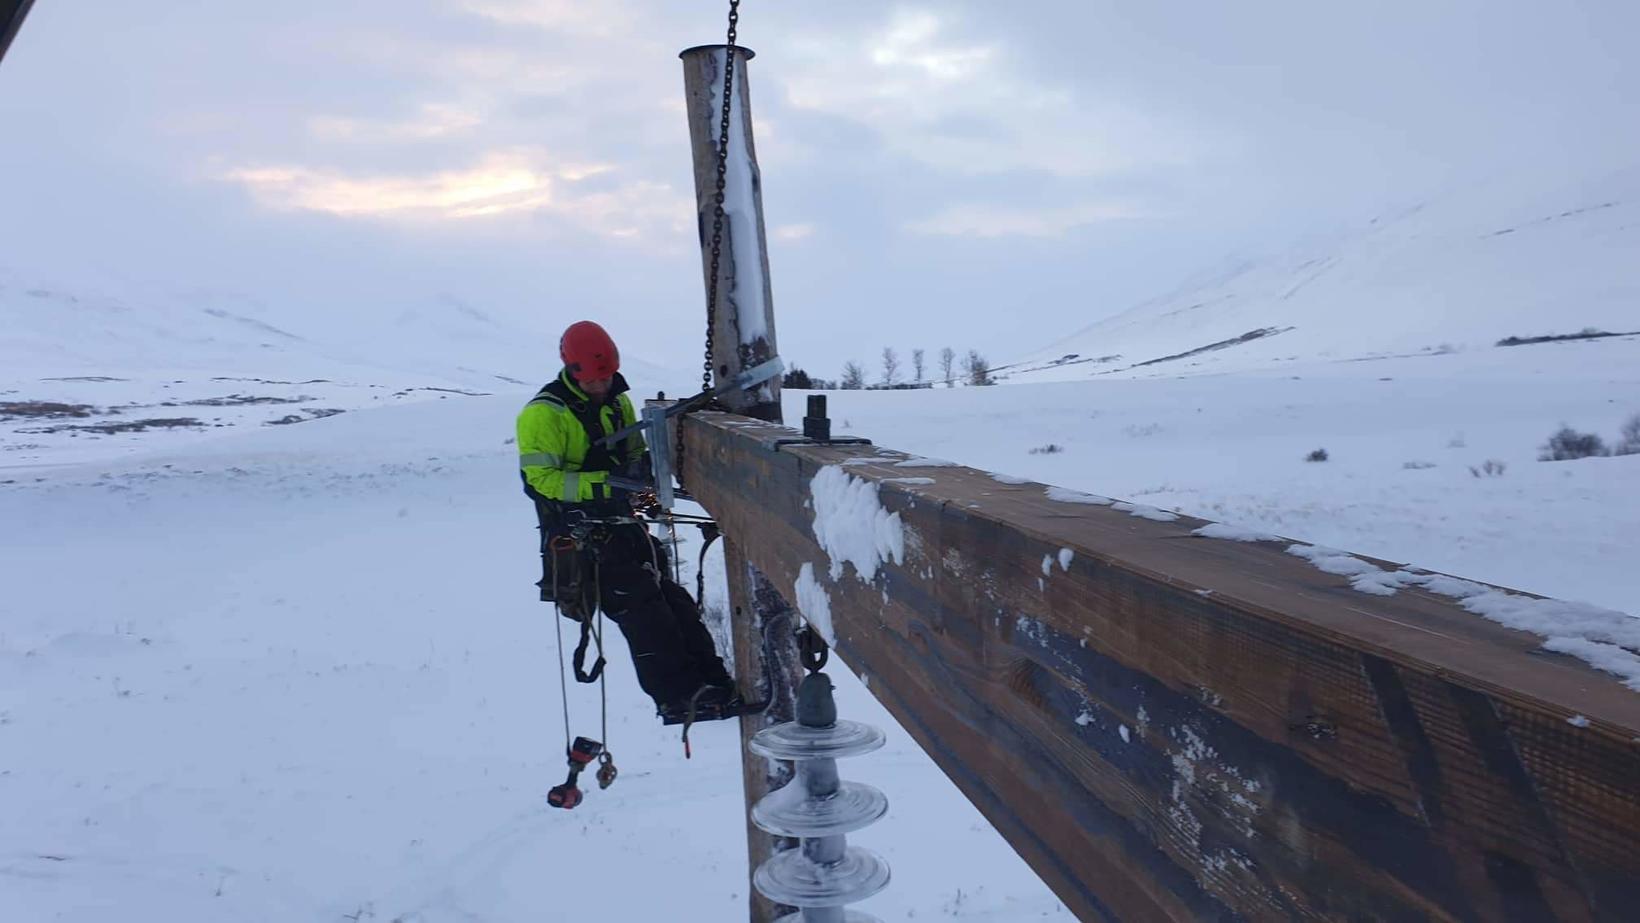 Starfsmenn Landsnets við viðgerð á Dalvíkurlínu.